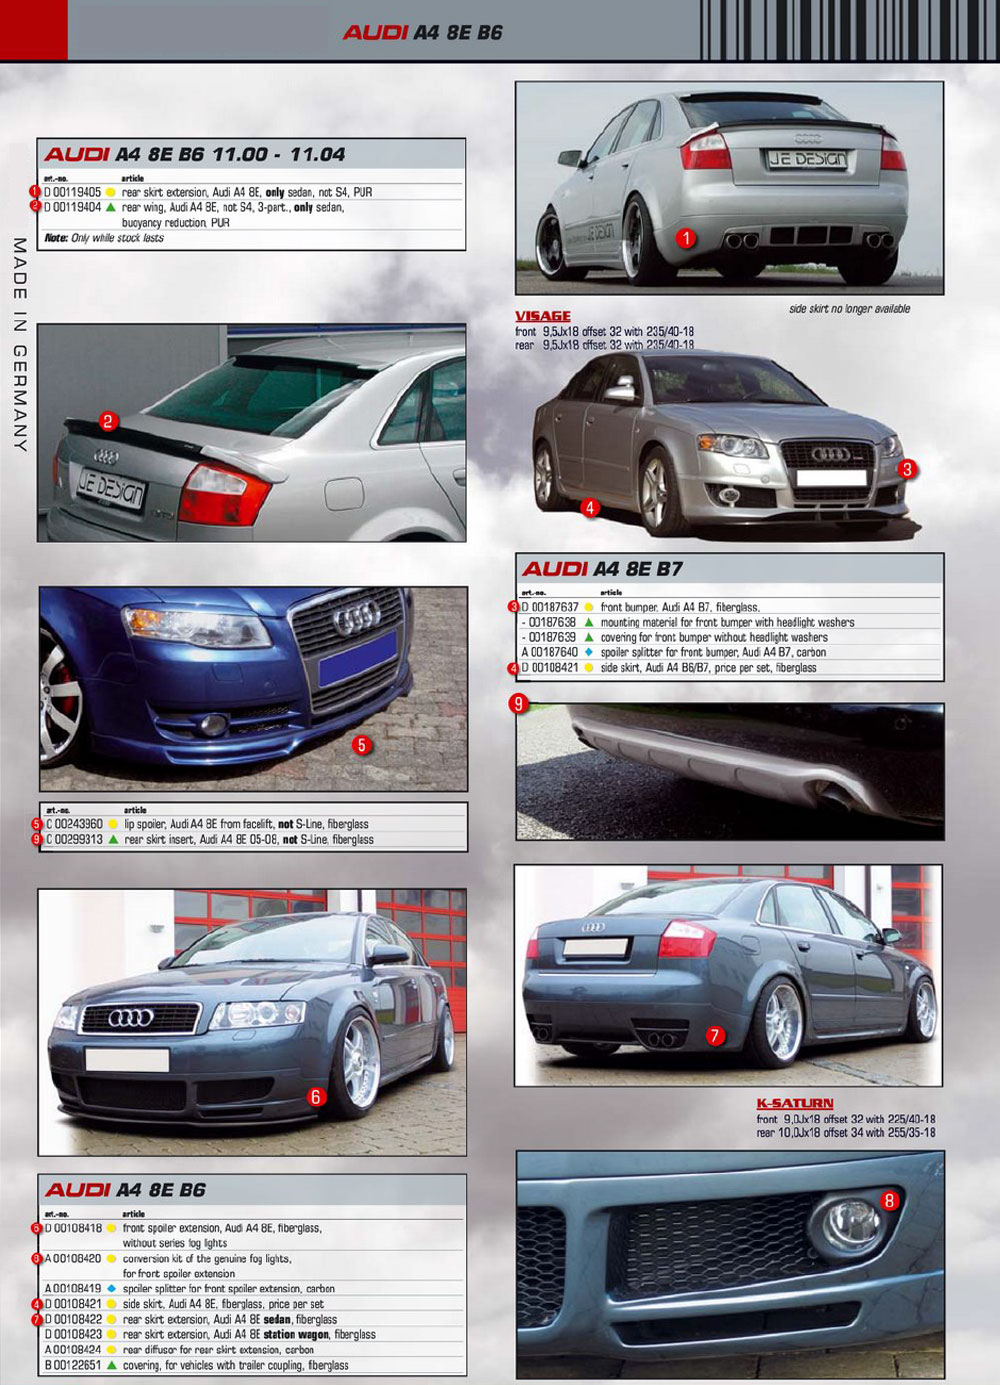 Audi a4 b7 Body Kit Audi a4 8e b6 Rei Body